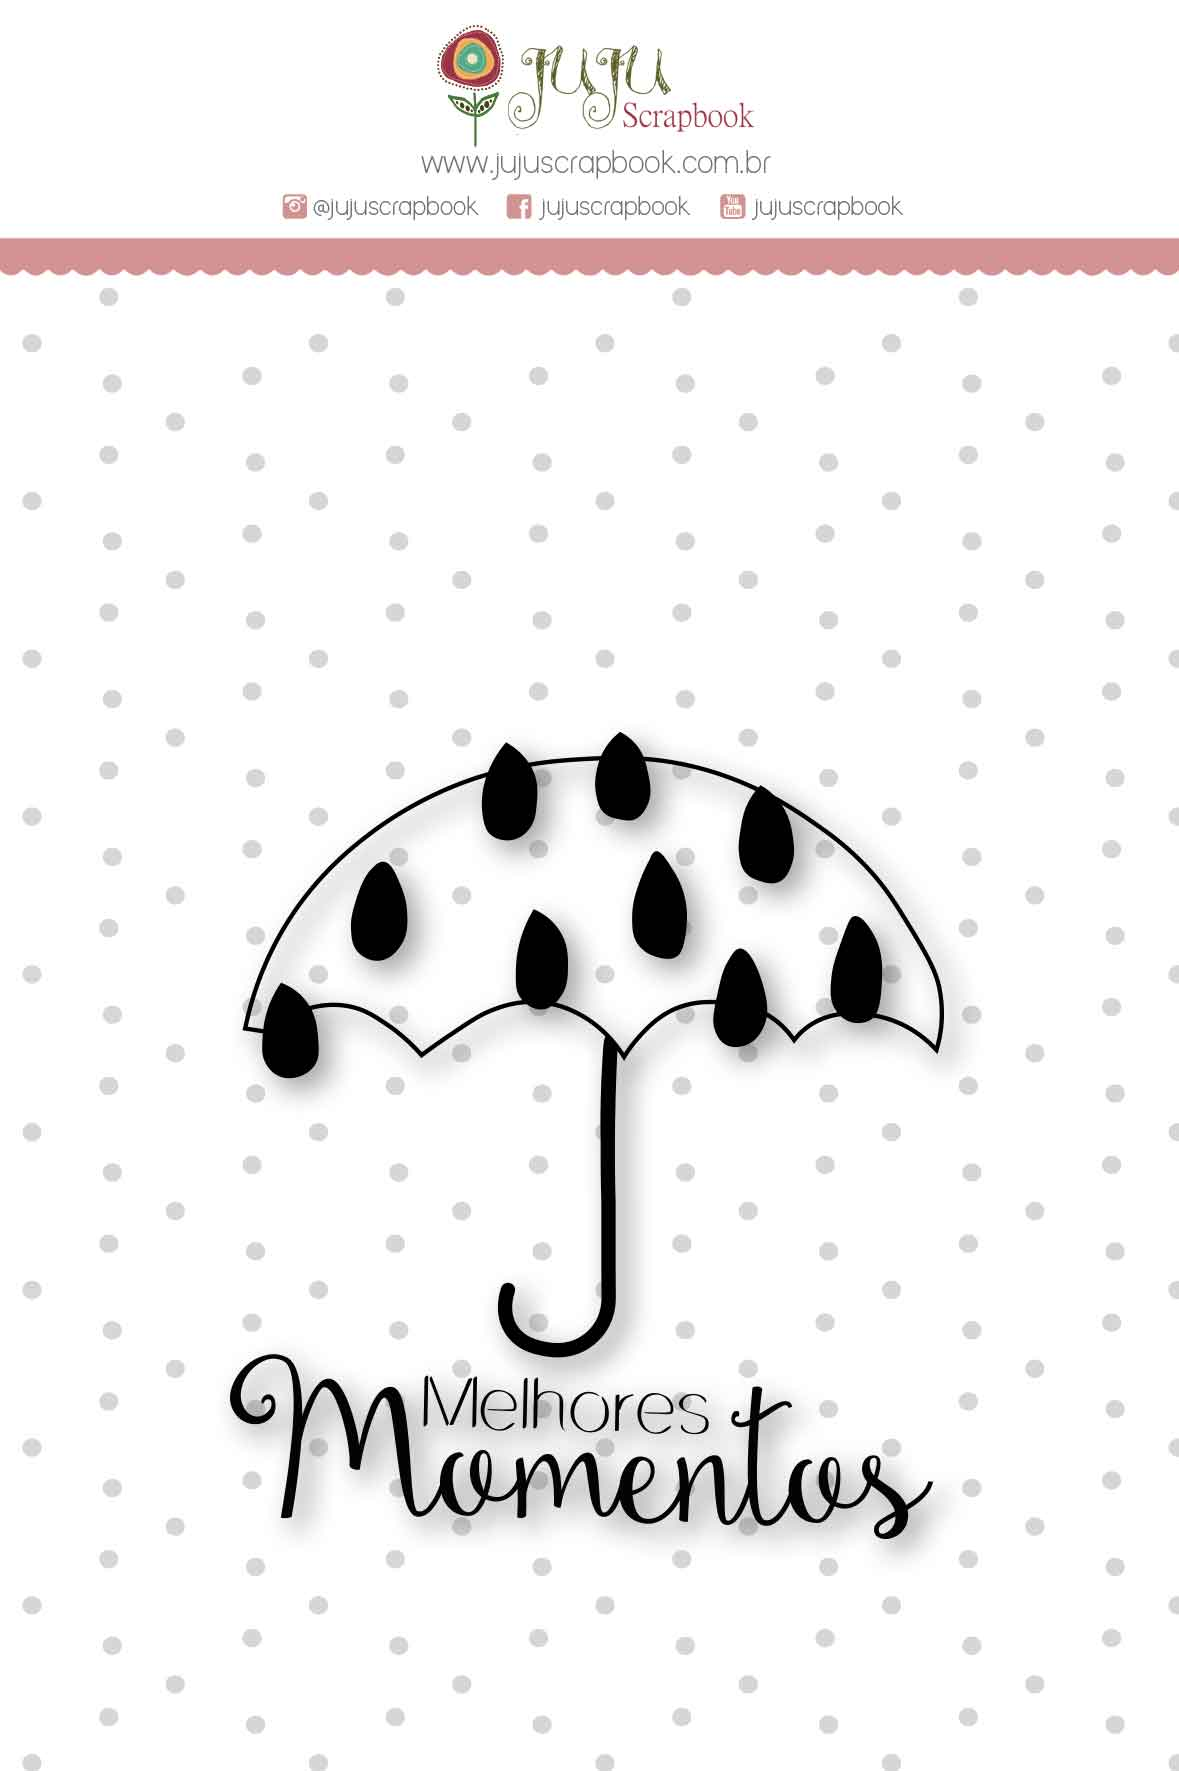 Carimbo M Melhores Momentos - Coleção Mundo Mágico - JuJu Scrapbook  - JuJu Scrapbook